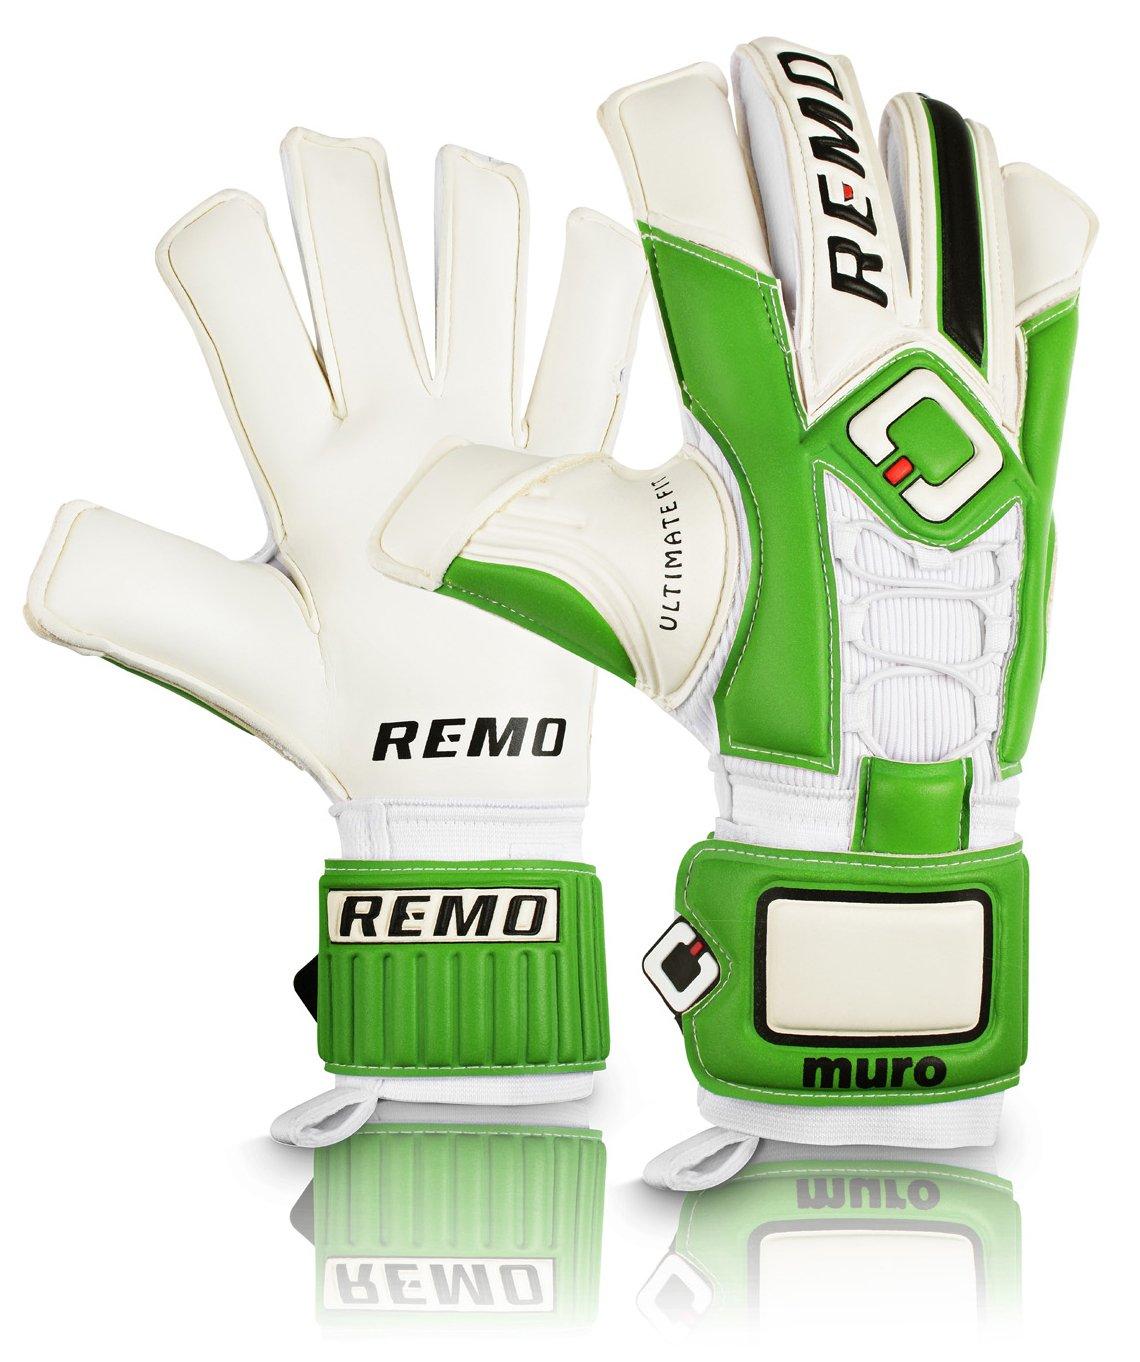 REMO Sports Muro Latex Torwarthandschuhe Flat Cut Schn/ürsystem gr/ün